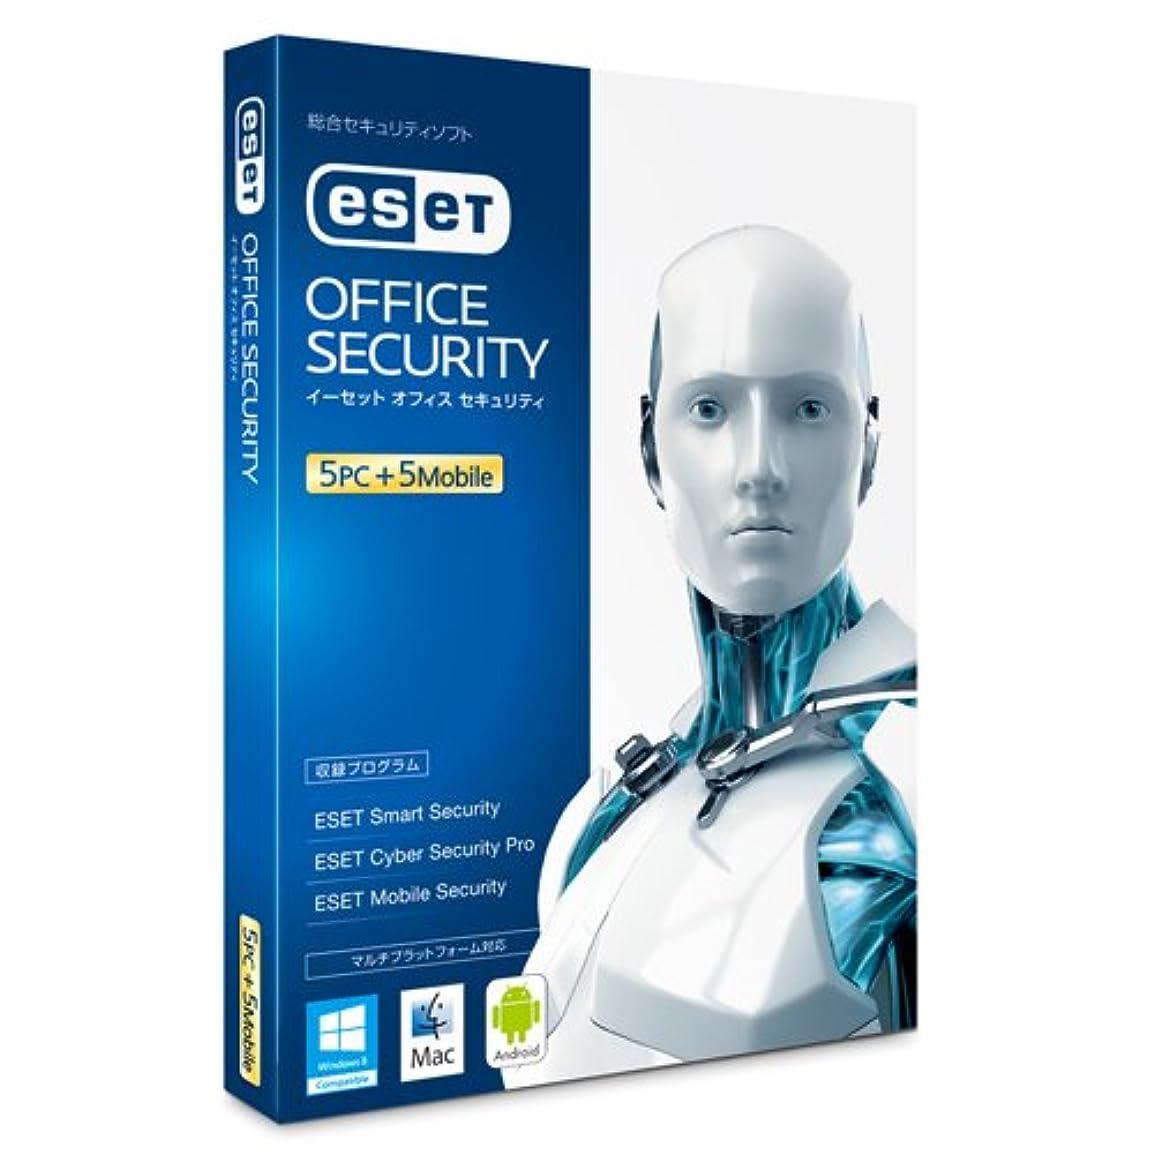 気候わがままチャート【旧製品】ESET オフィスセキュリティ|5PC+5モバイル|Win/Mac/Android対応